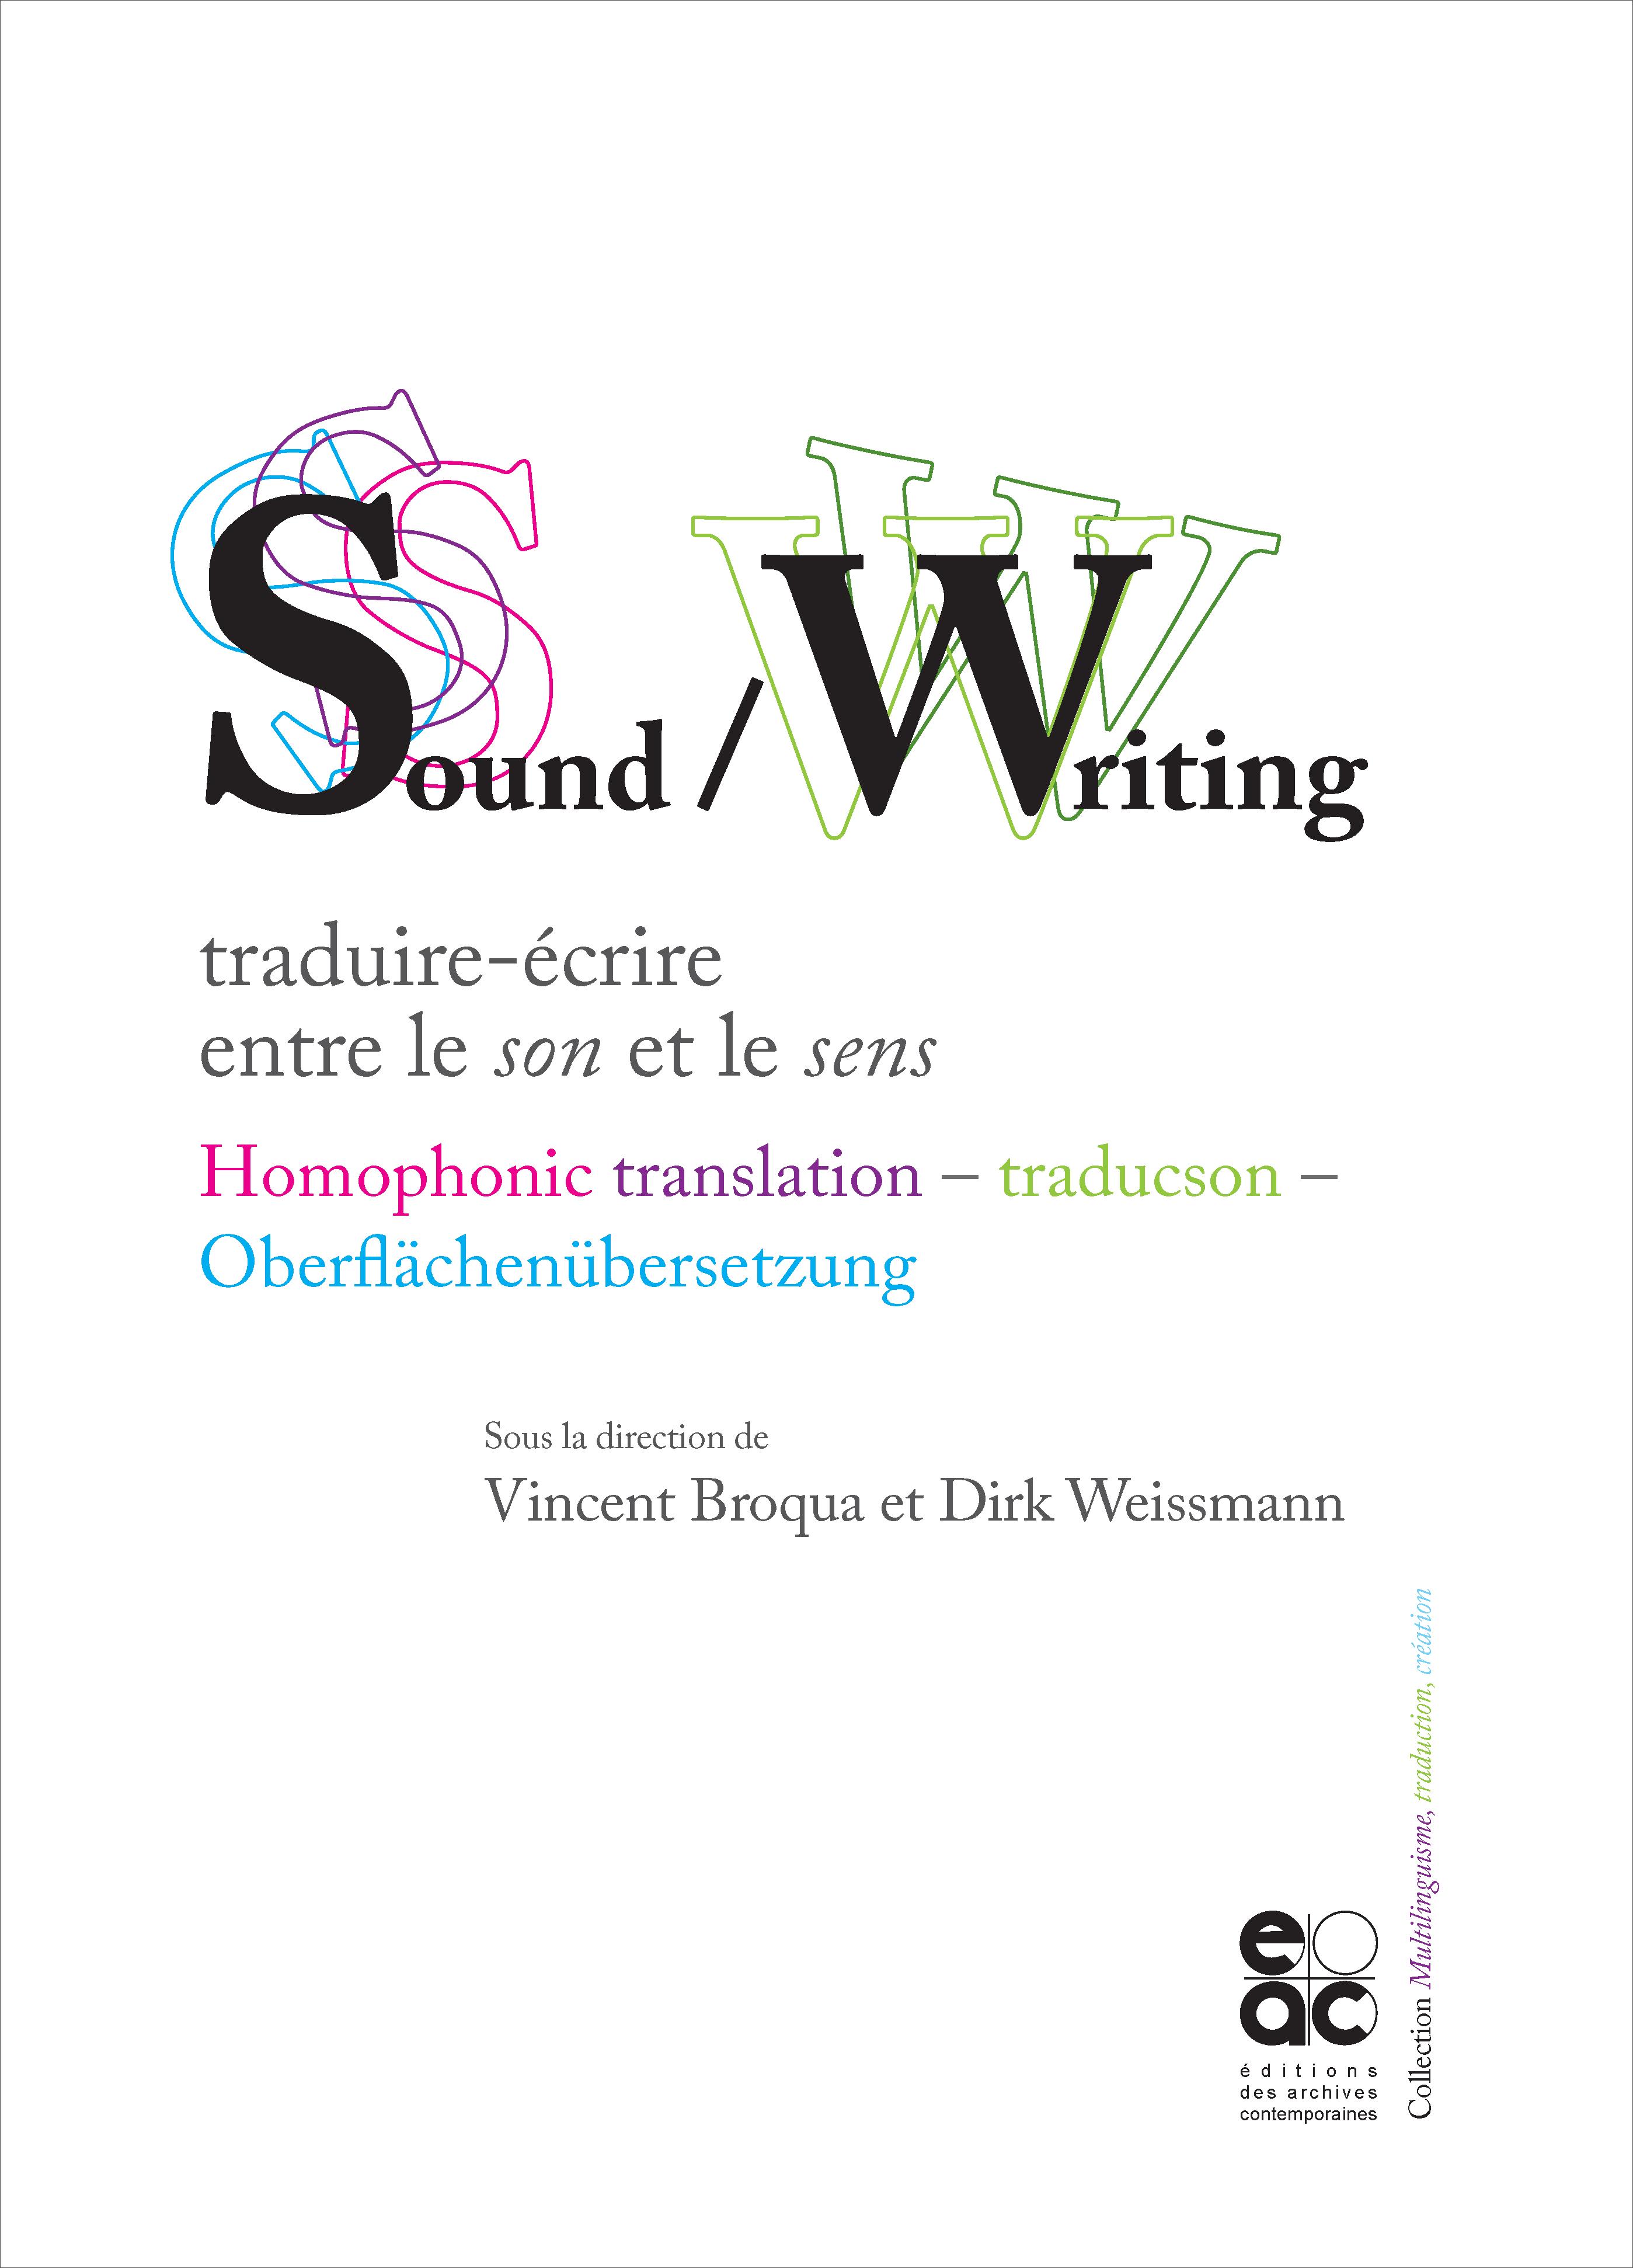 V. Broqua, D. Weissmann (dir.),Sound / Writing : traduire-écrire entre lesonet lesens,Homophonic translation – traducson – Oberflächenübersetzung